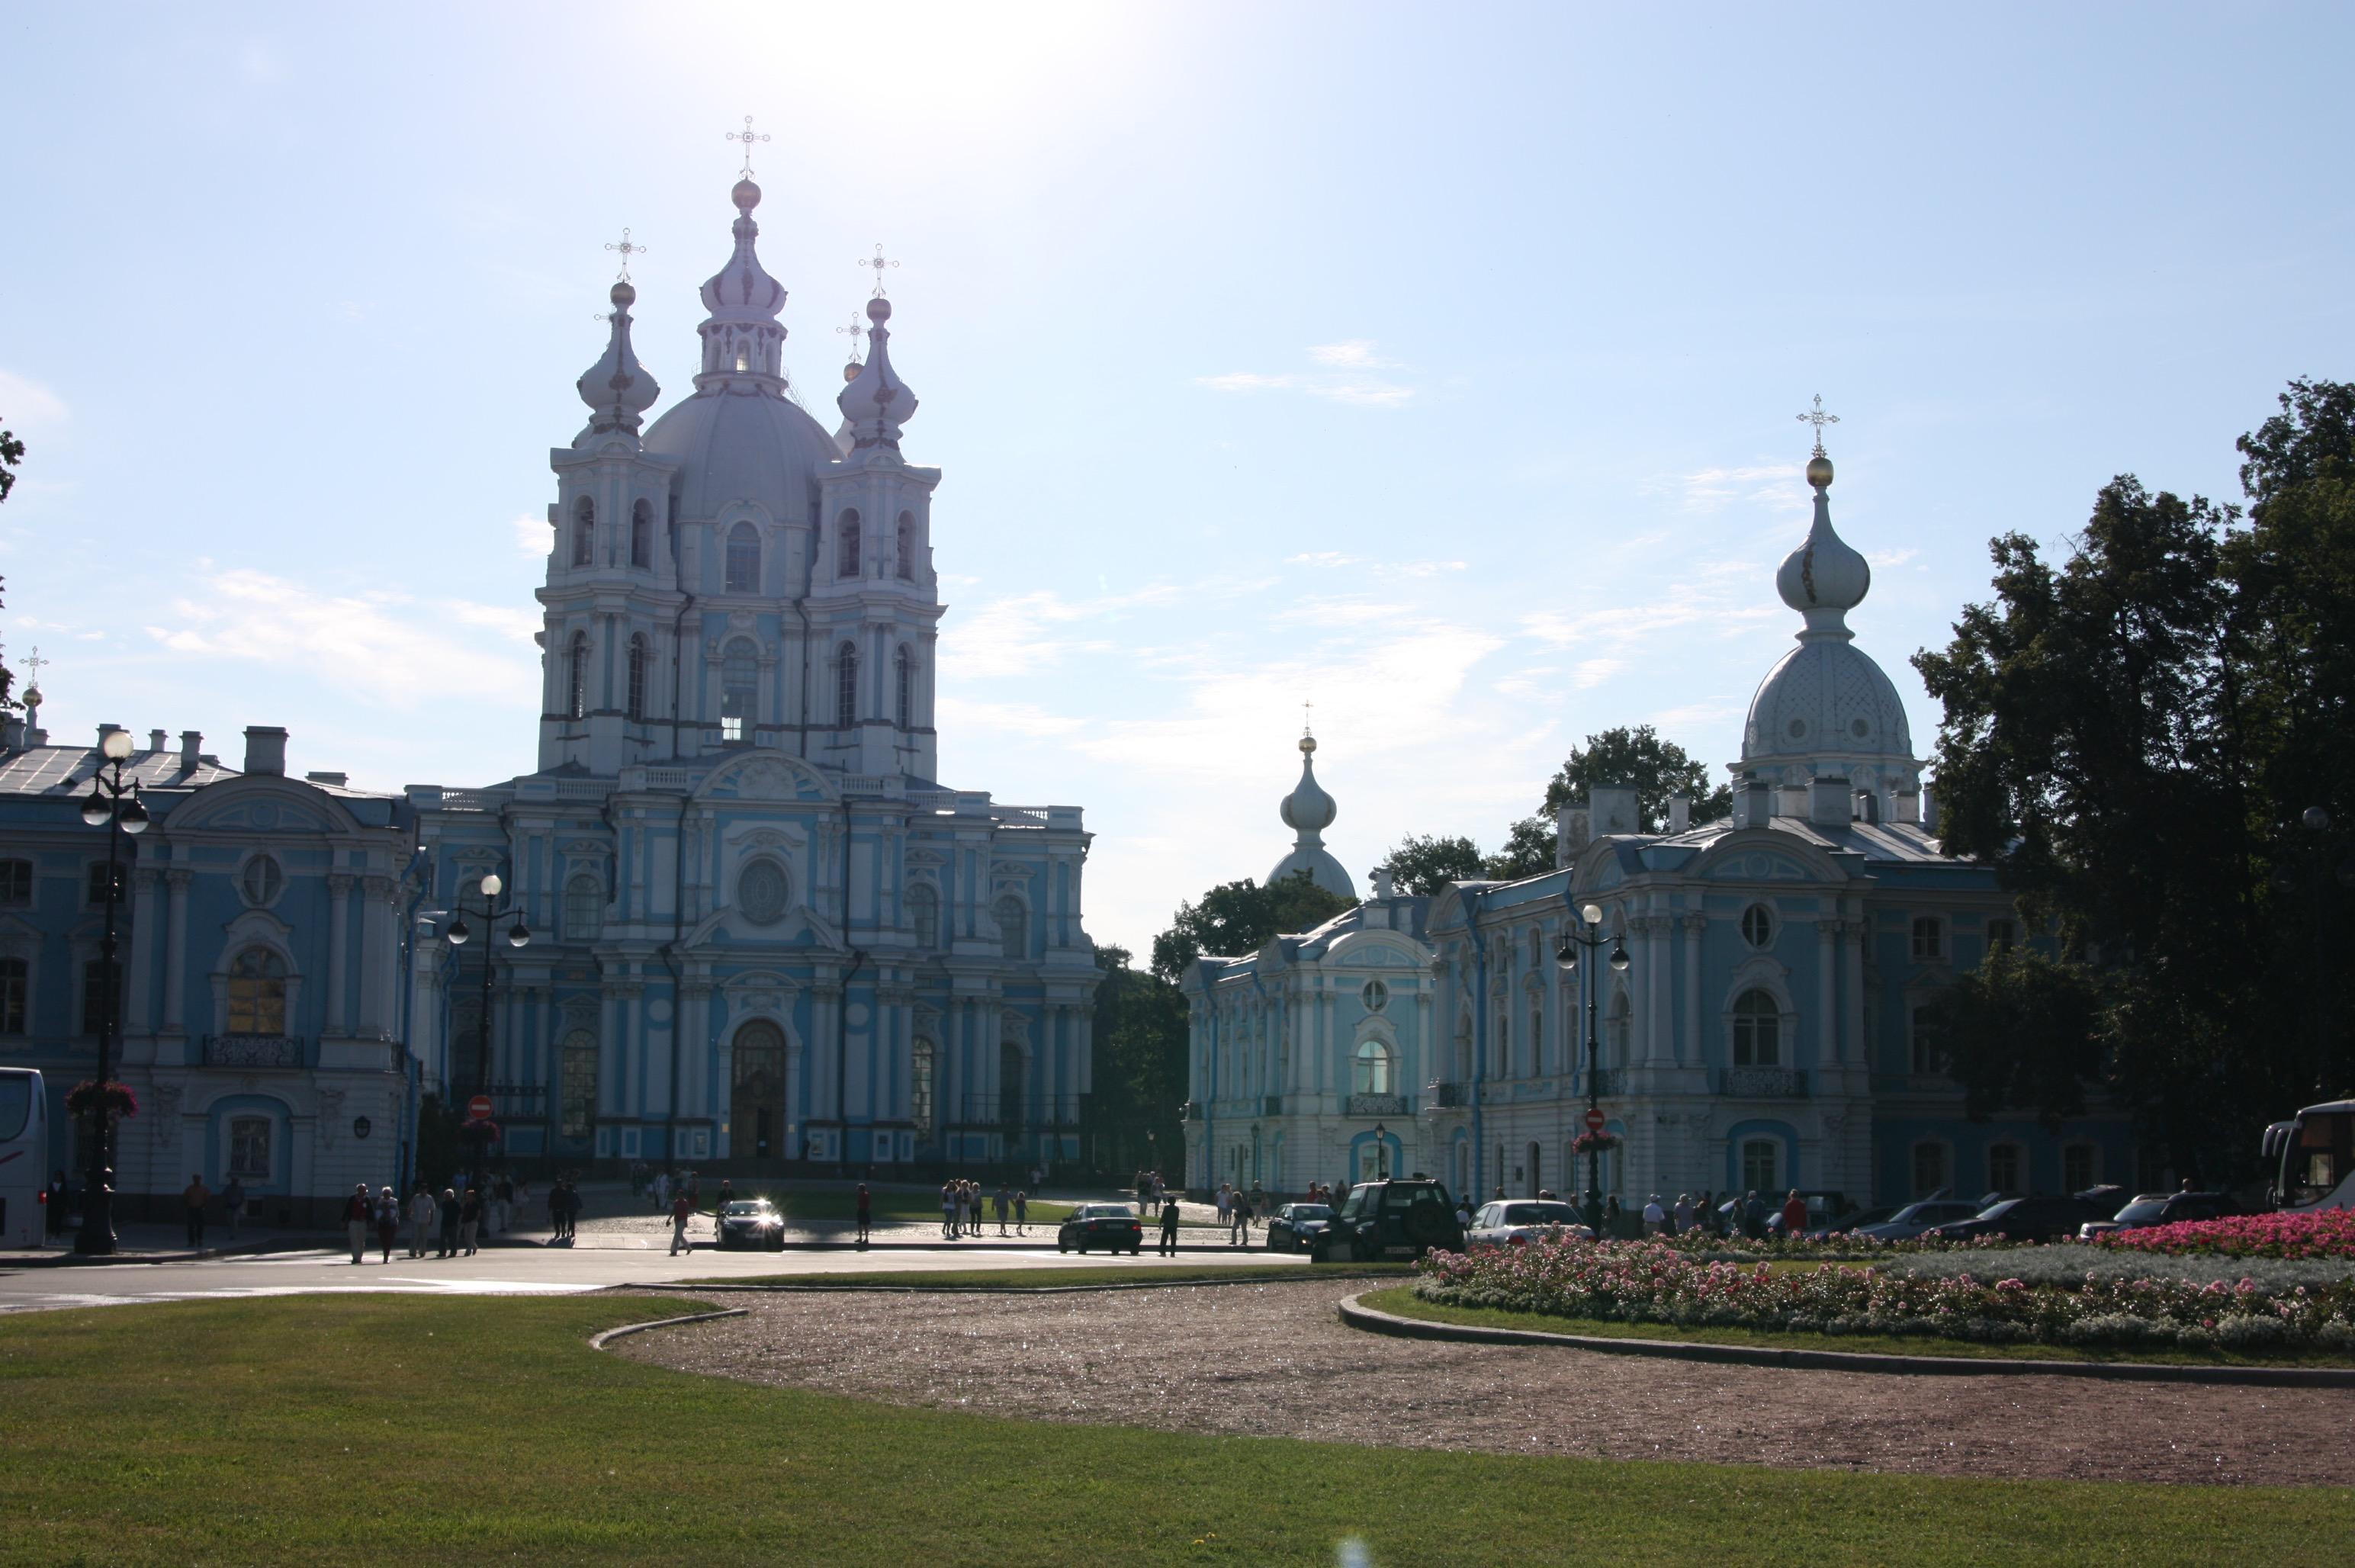 Das Smolny-Institut in St. Petersburg. Ursprünglich als Kloster geplant, aber nie als solches benutzt worden.